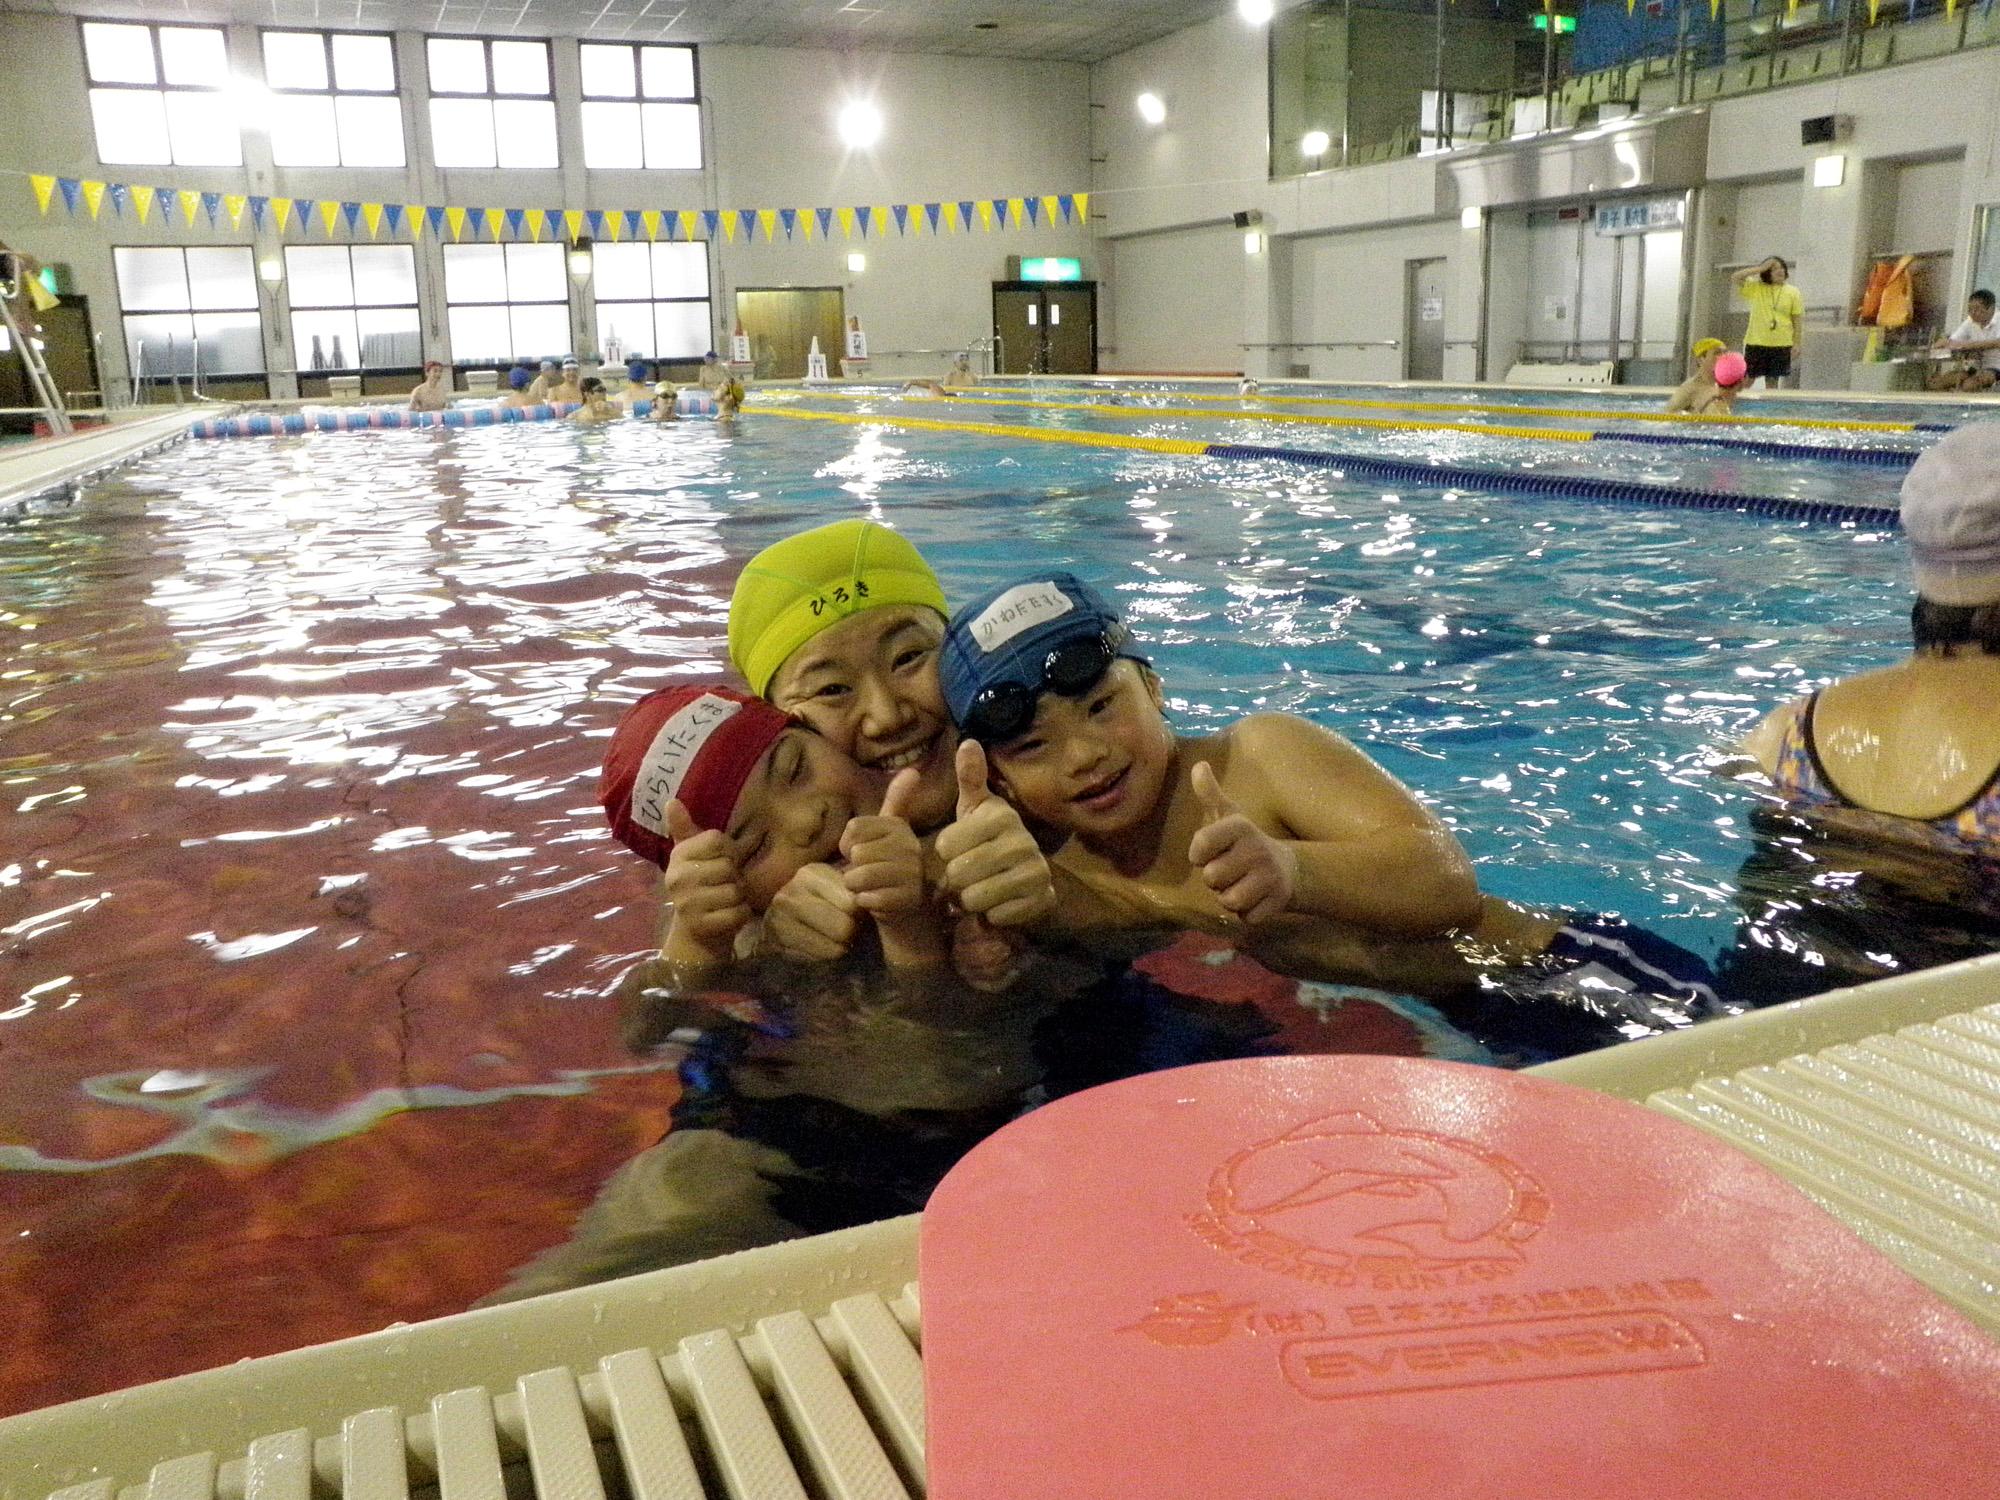 suiei - 初心者水泳教室より ・・・がんばっています。